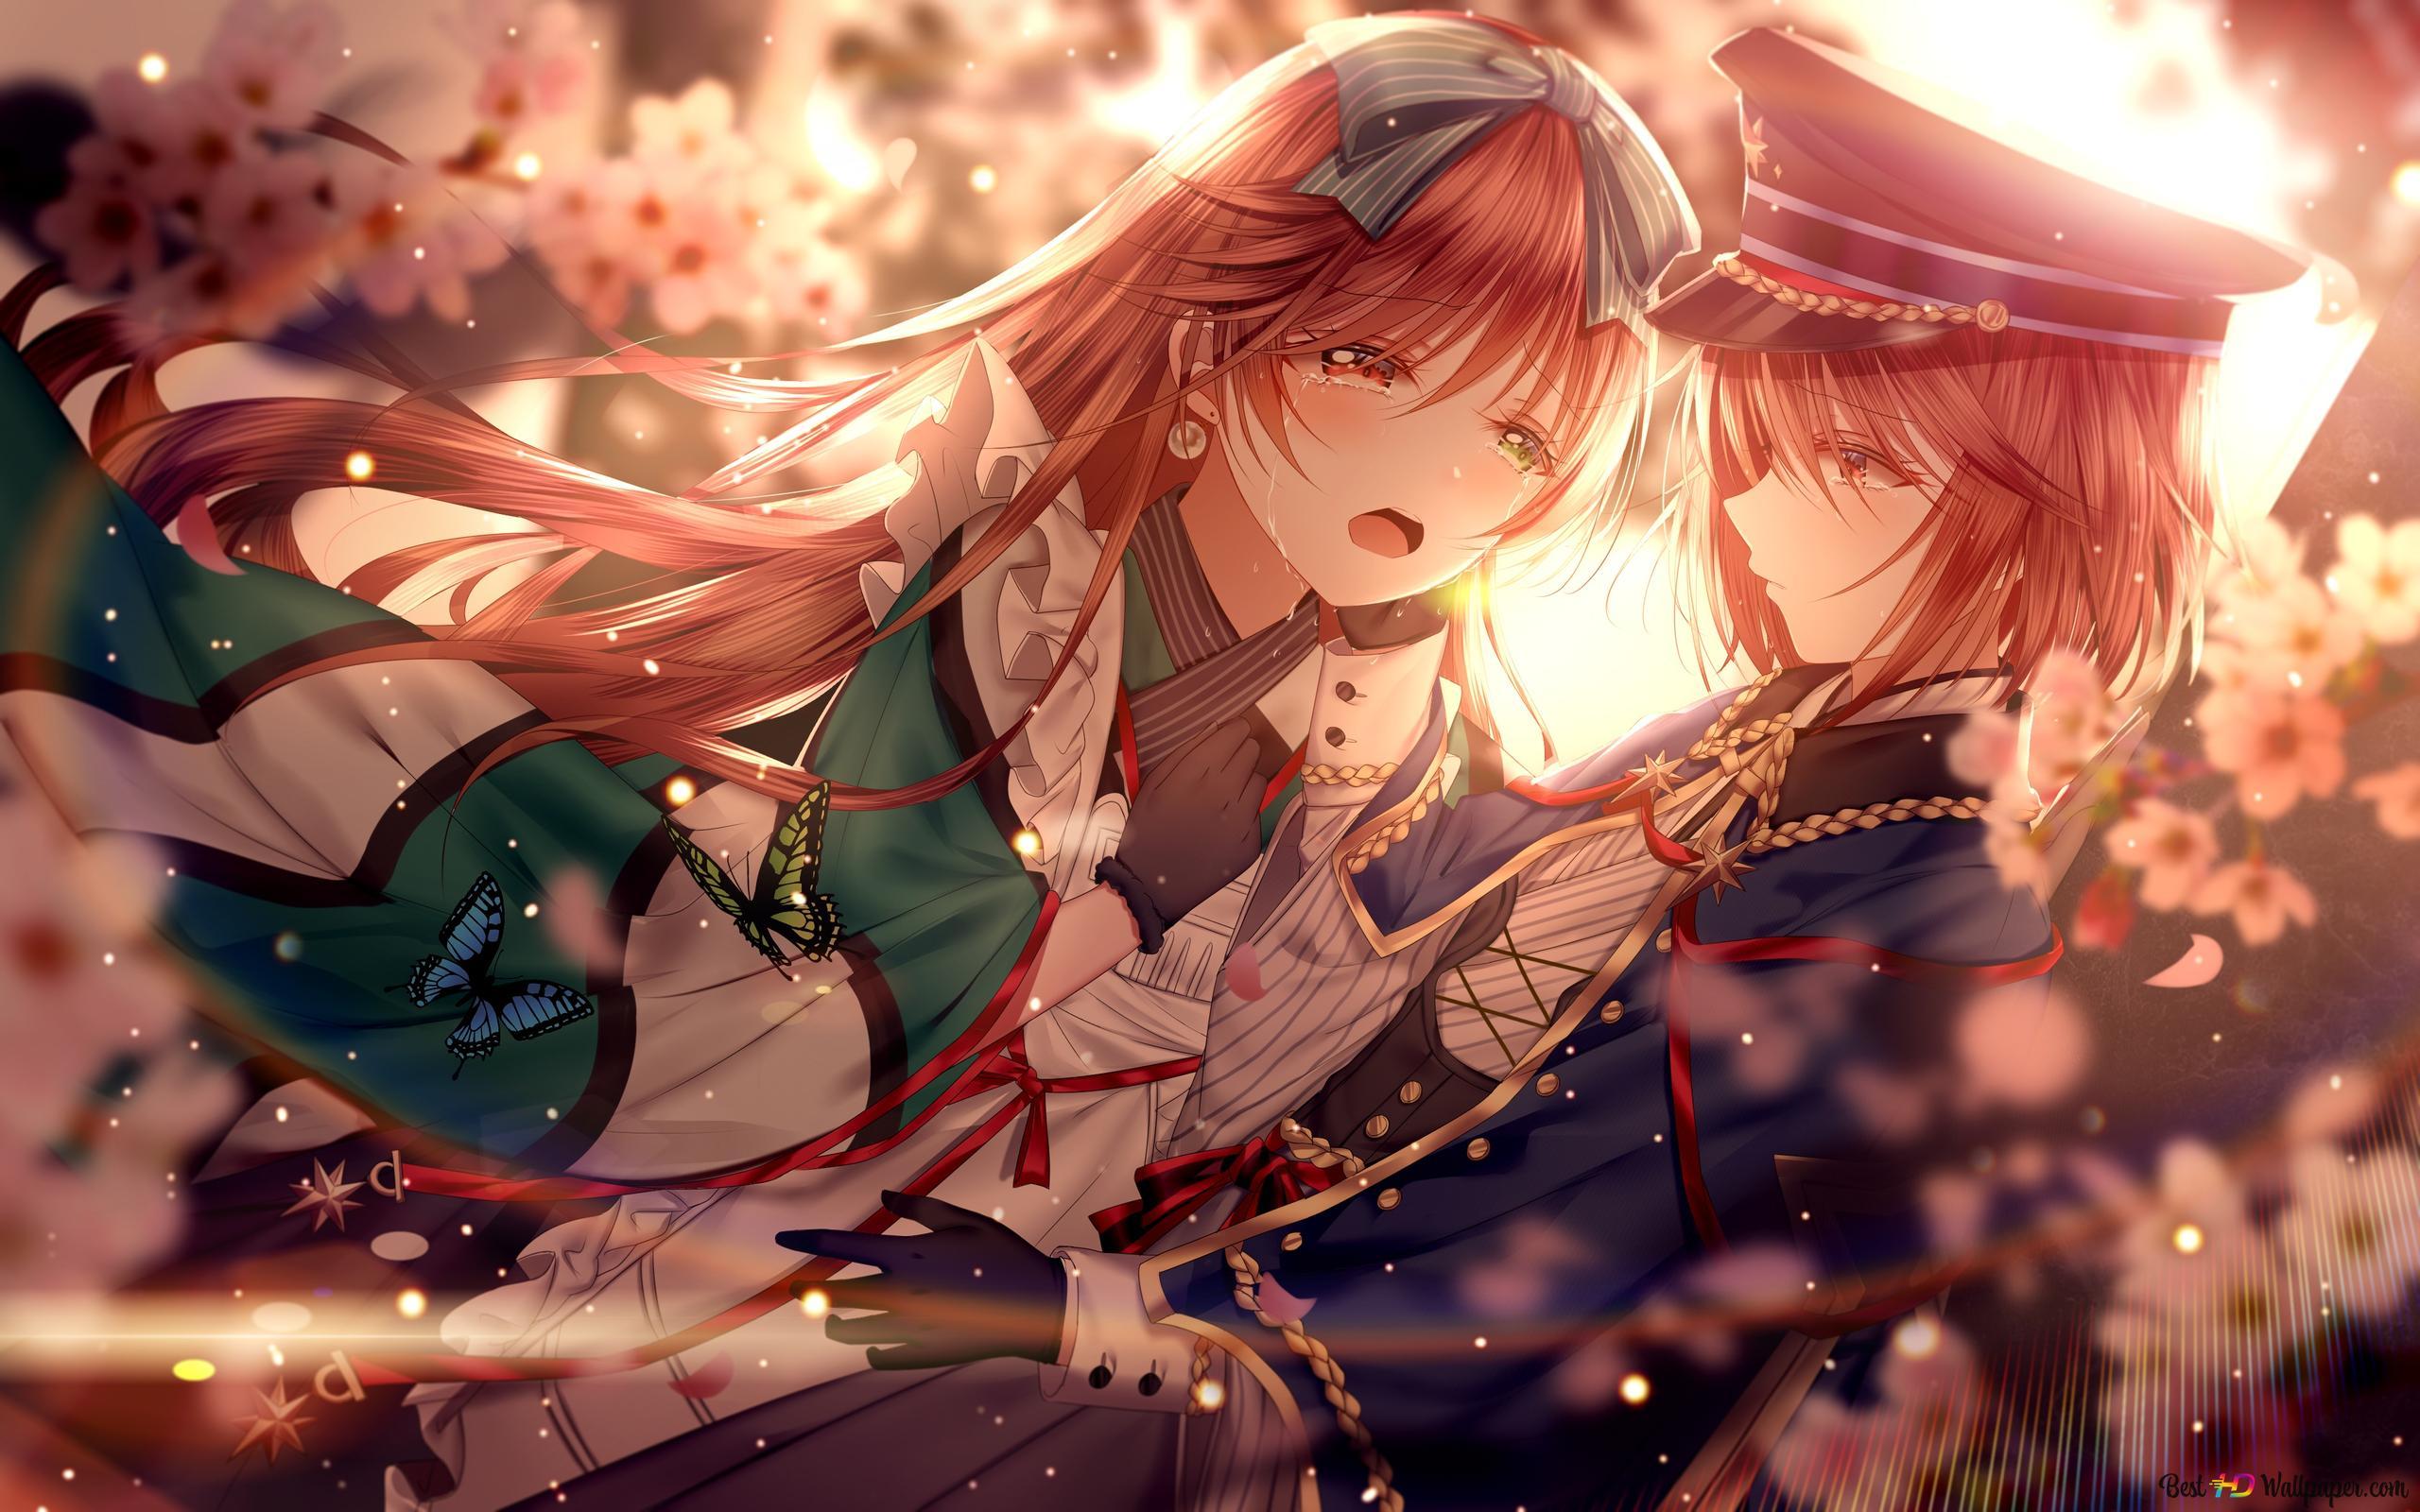 Rozen Maiden Souseiseki Suiseiseki Hd Hintergrundbilder